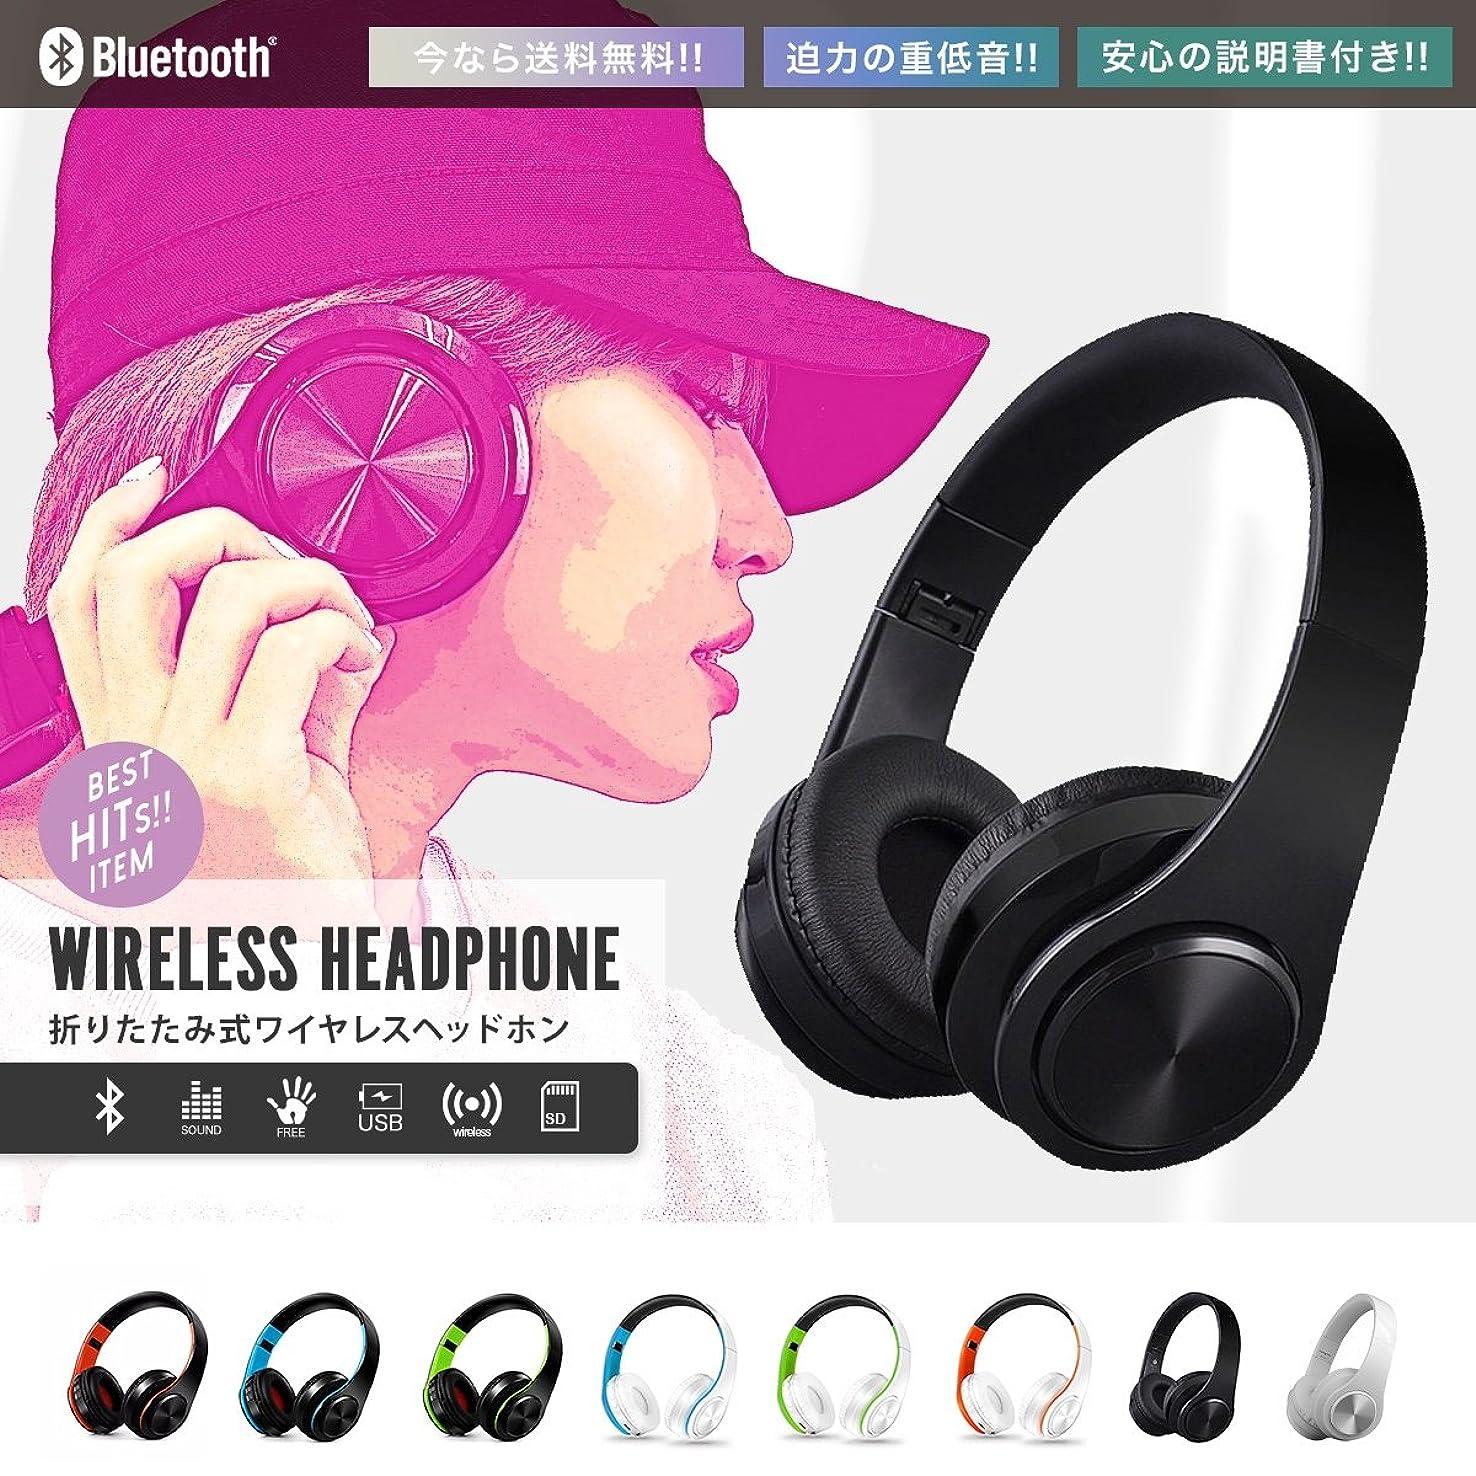 要求賢明なジョットディボンドンワイヤレス ヘッドホン 密閉型 Bluetooth 折りたたみ式 ワンサイズ ホワイト×オレンジ